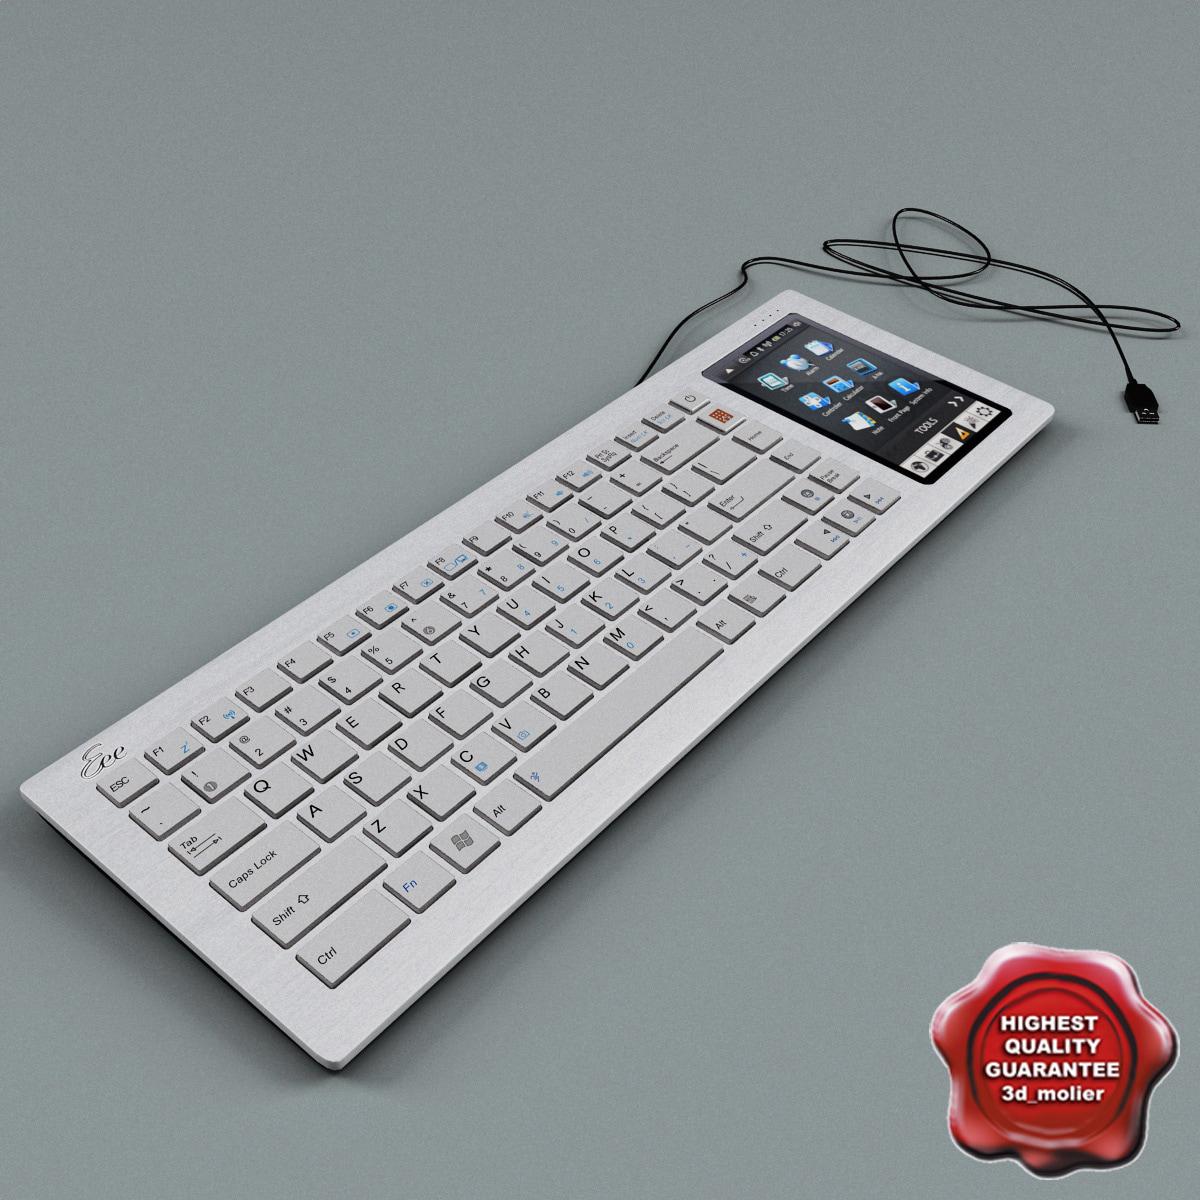 Asus_Eee_Keyboard_PC_00.jpg